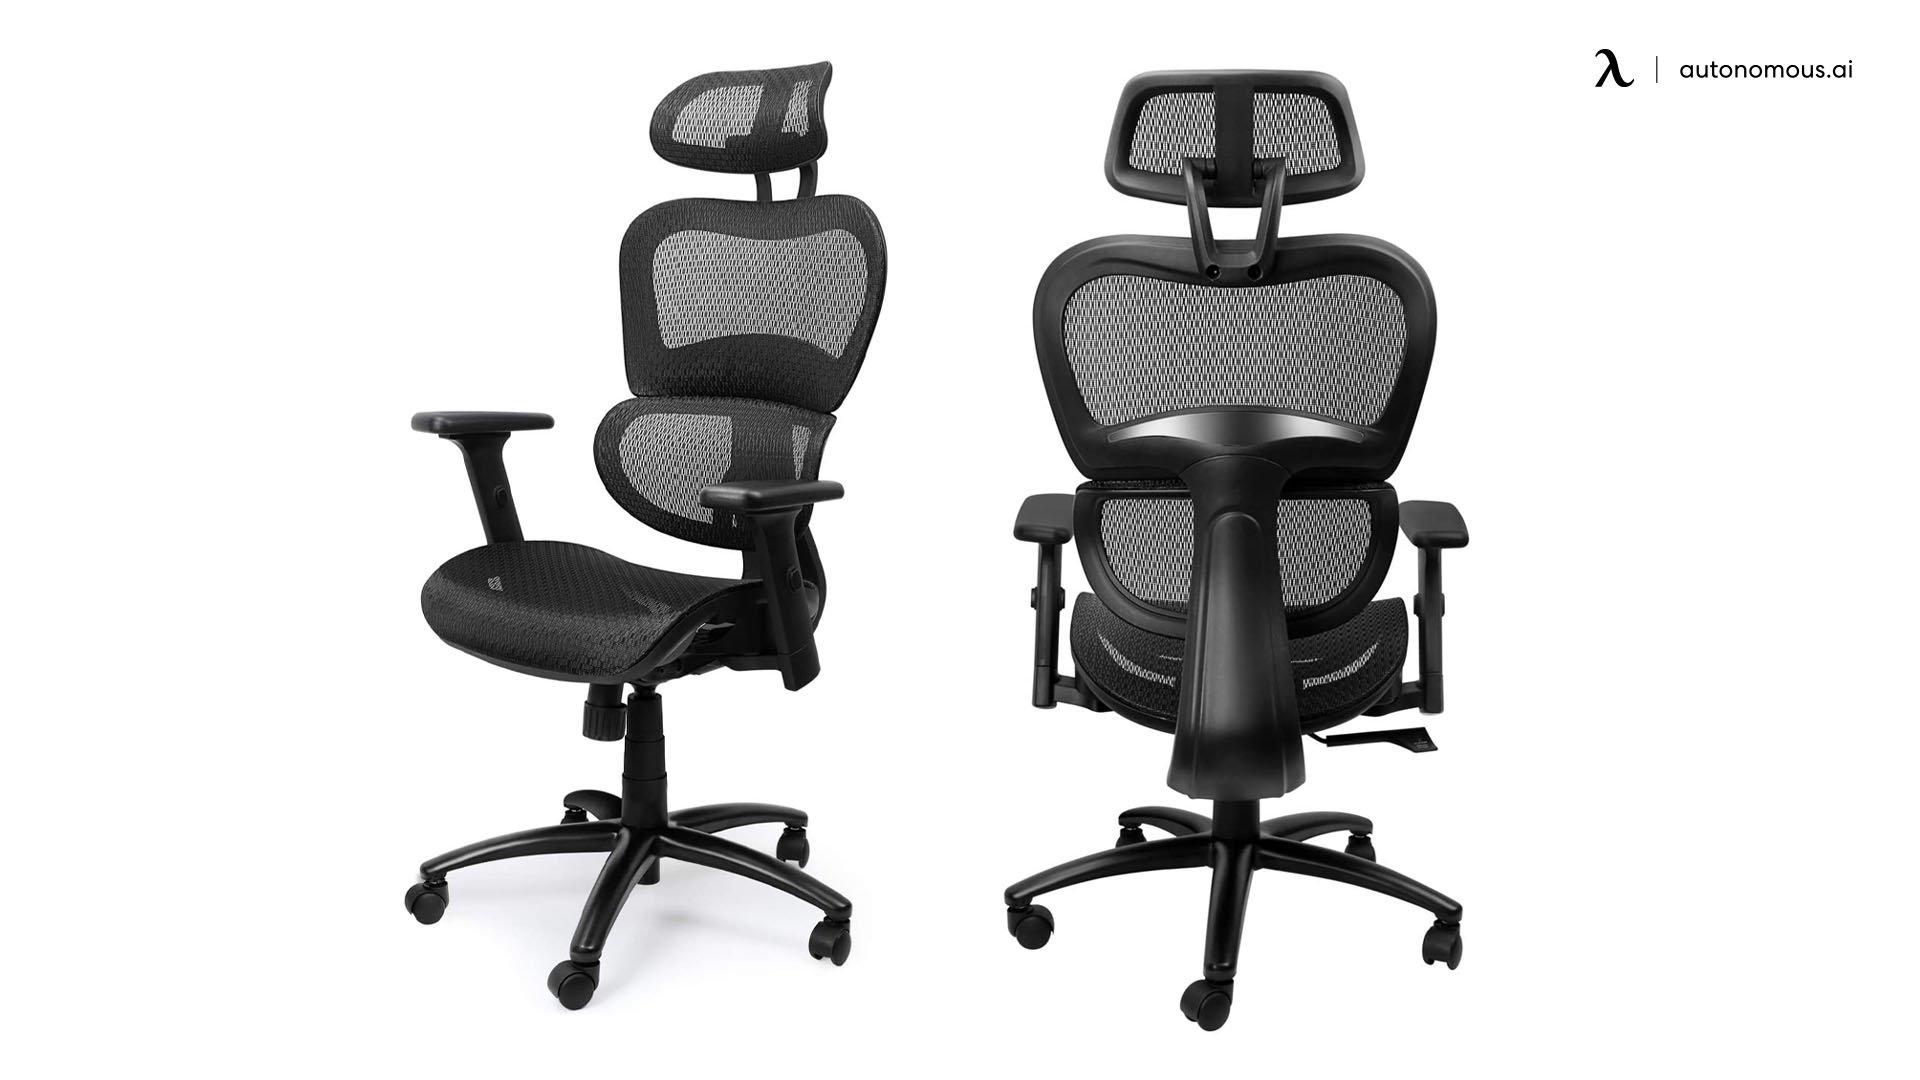 The Komene Ergonomic Office Chair